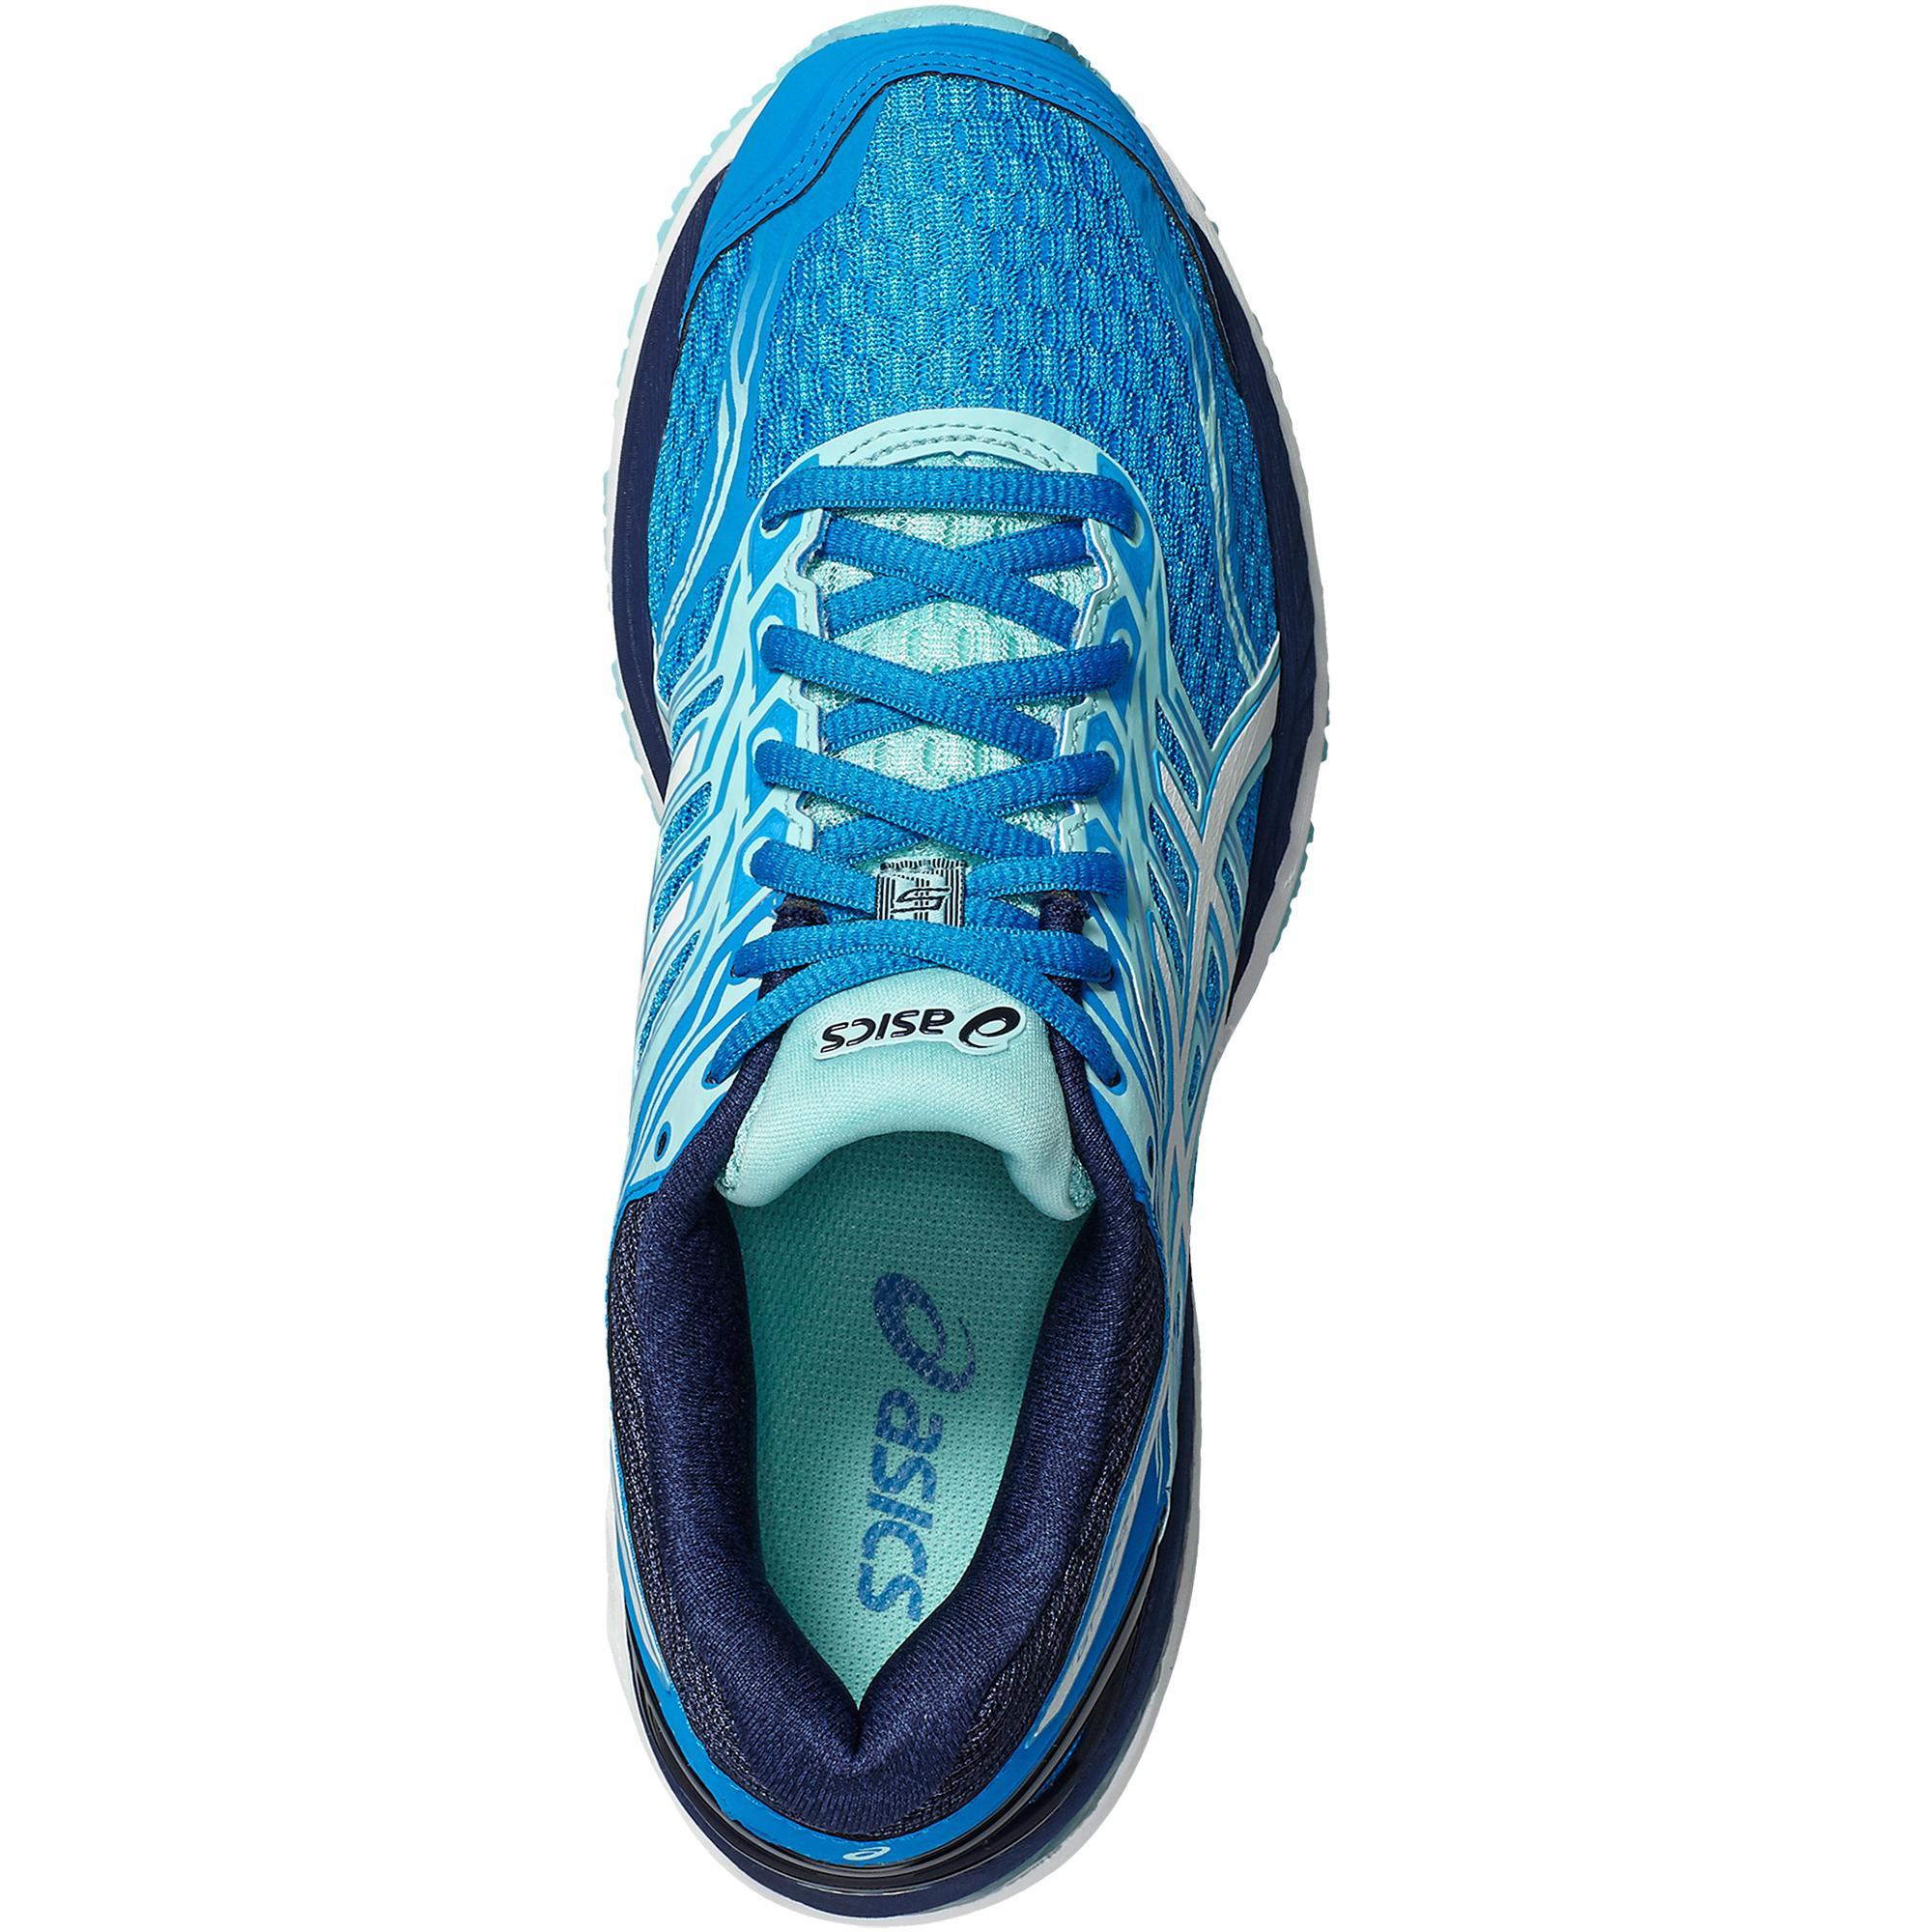 c555997030cf Asics Womens GT-2000 5 Running Shoes - Diva Blue Aqua Splash ...